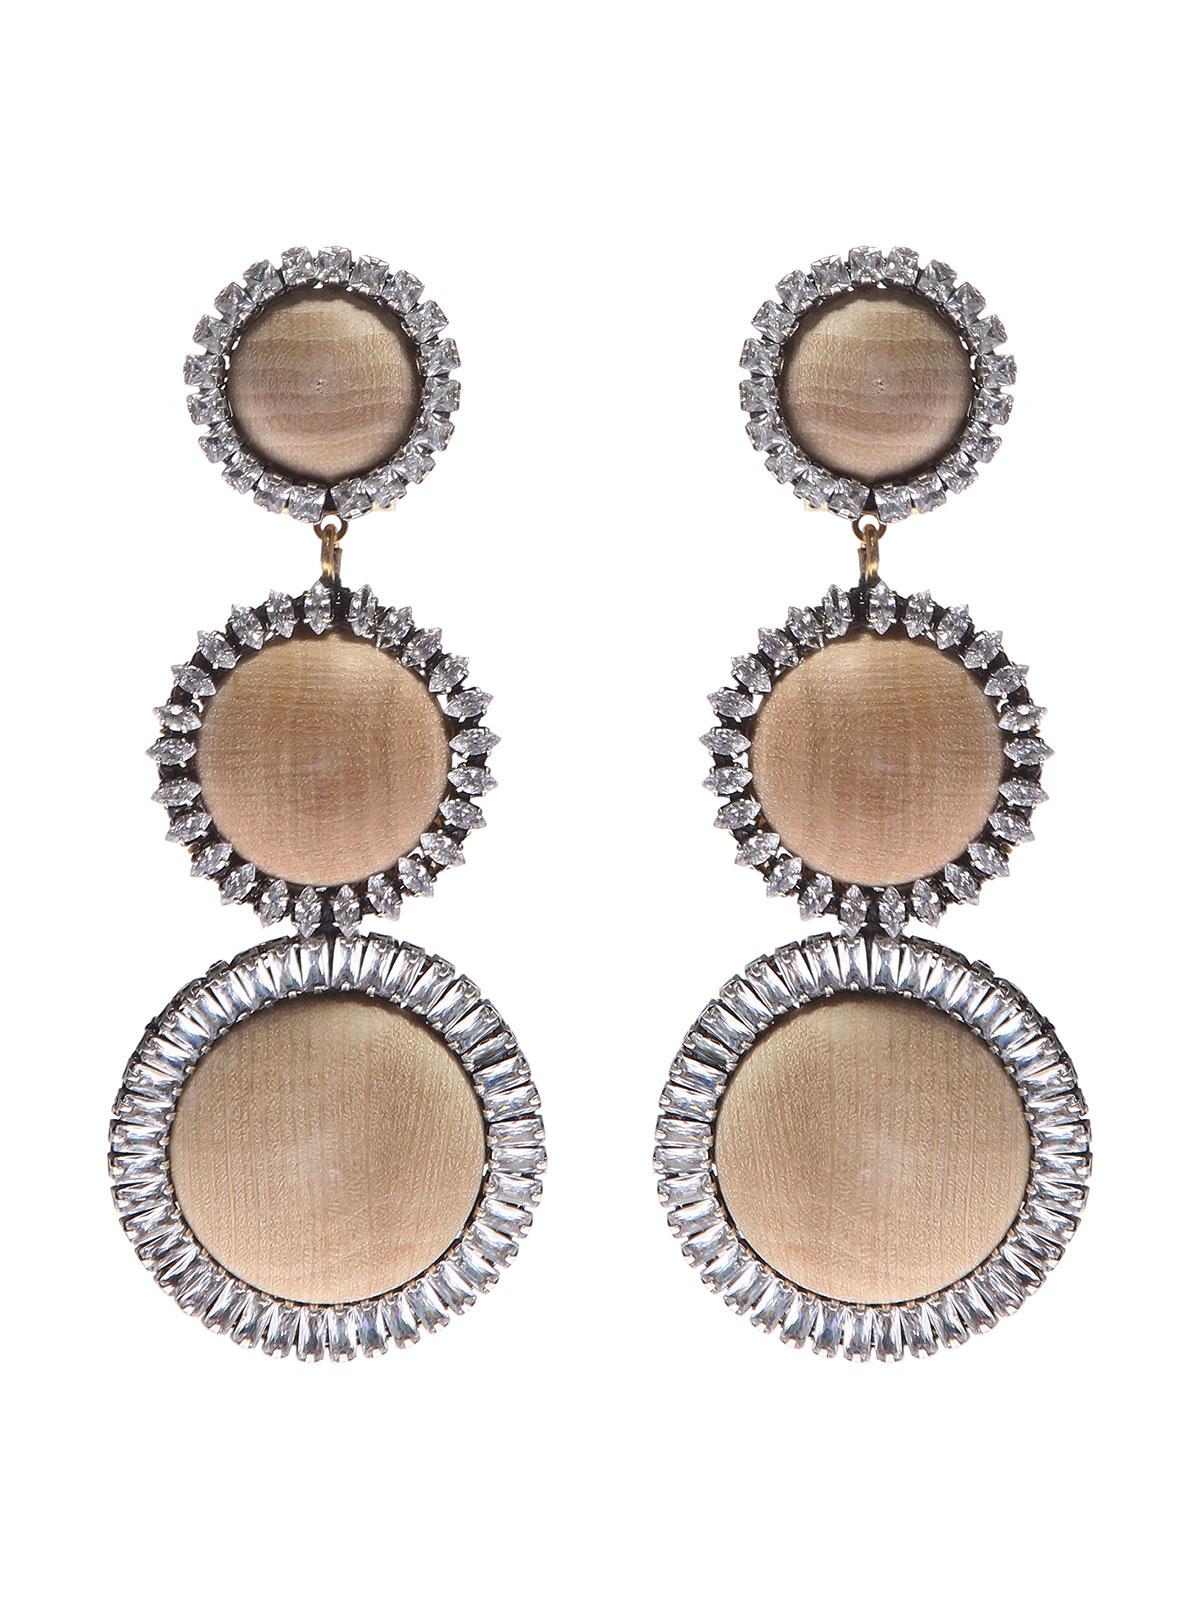 Orecchini cabochon e cerchi legno decorati con pietre cristallo